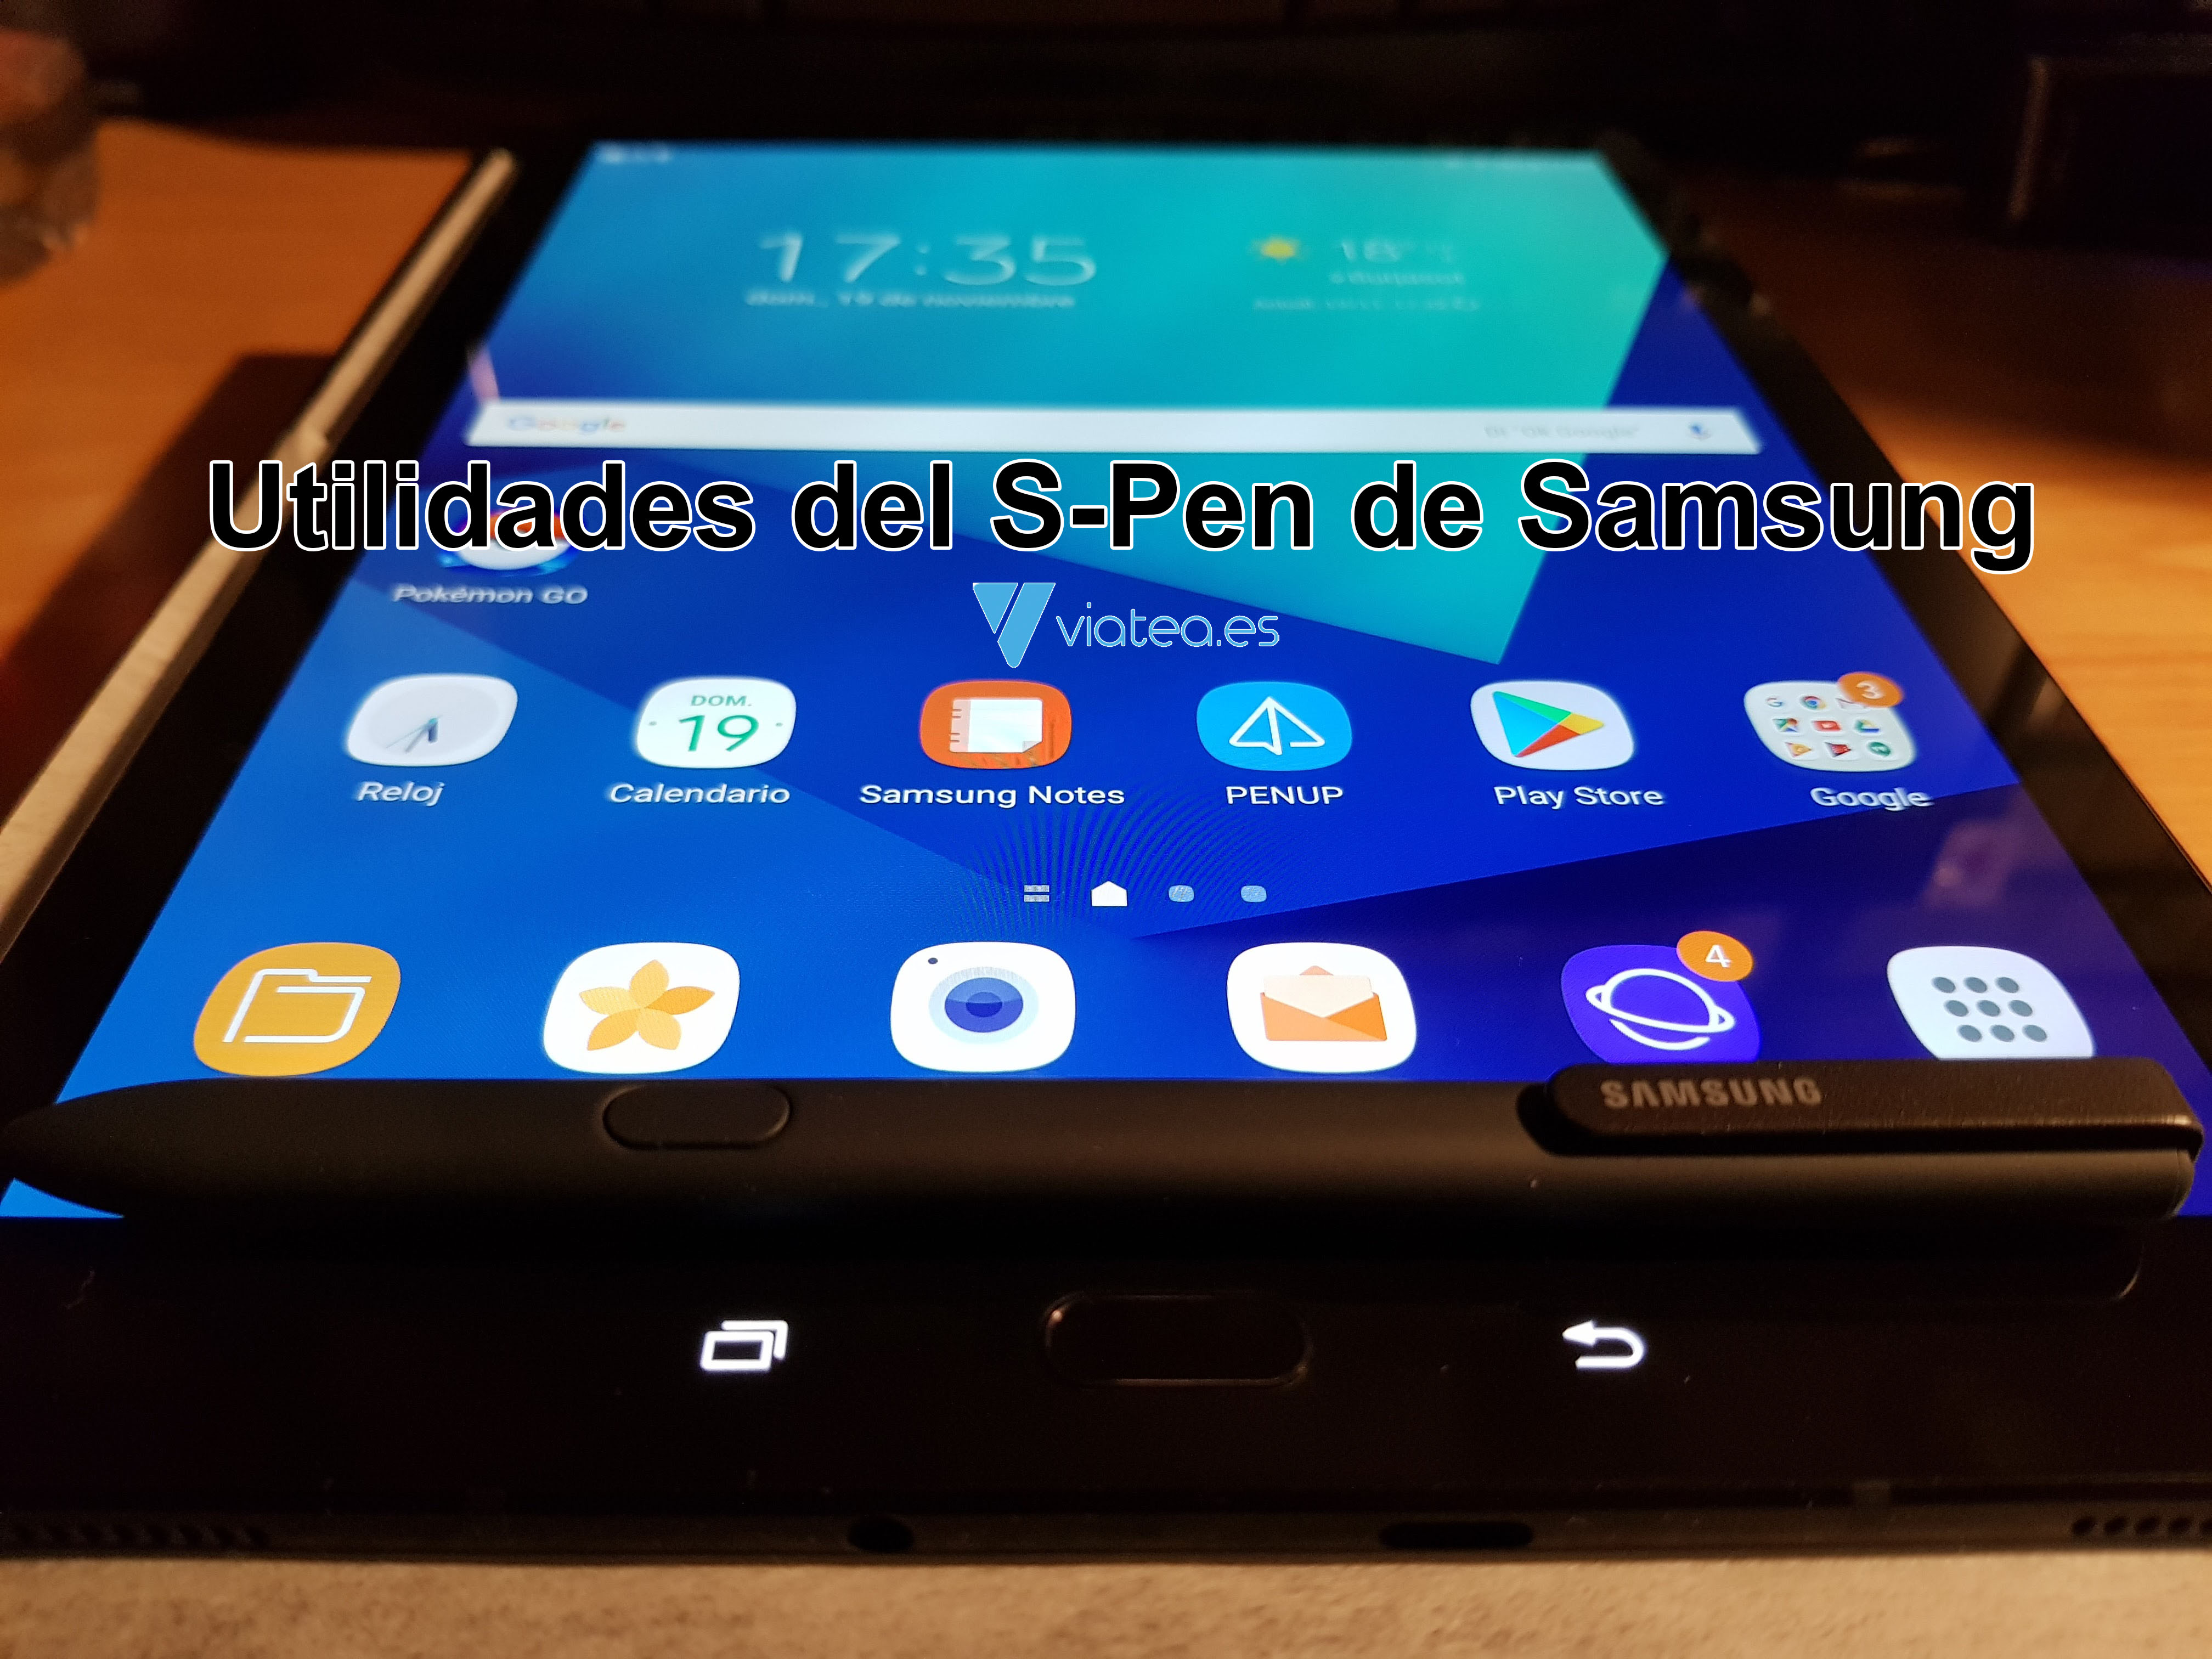 Utilidades del S-Pen de Samsung